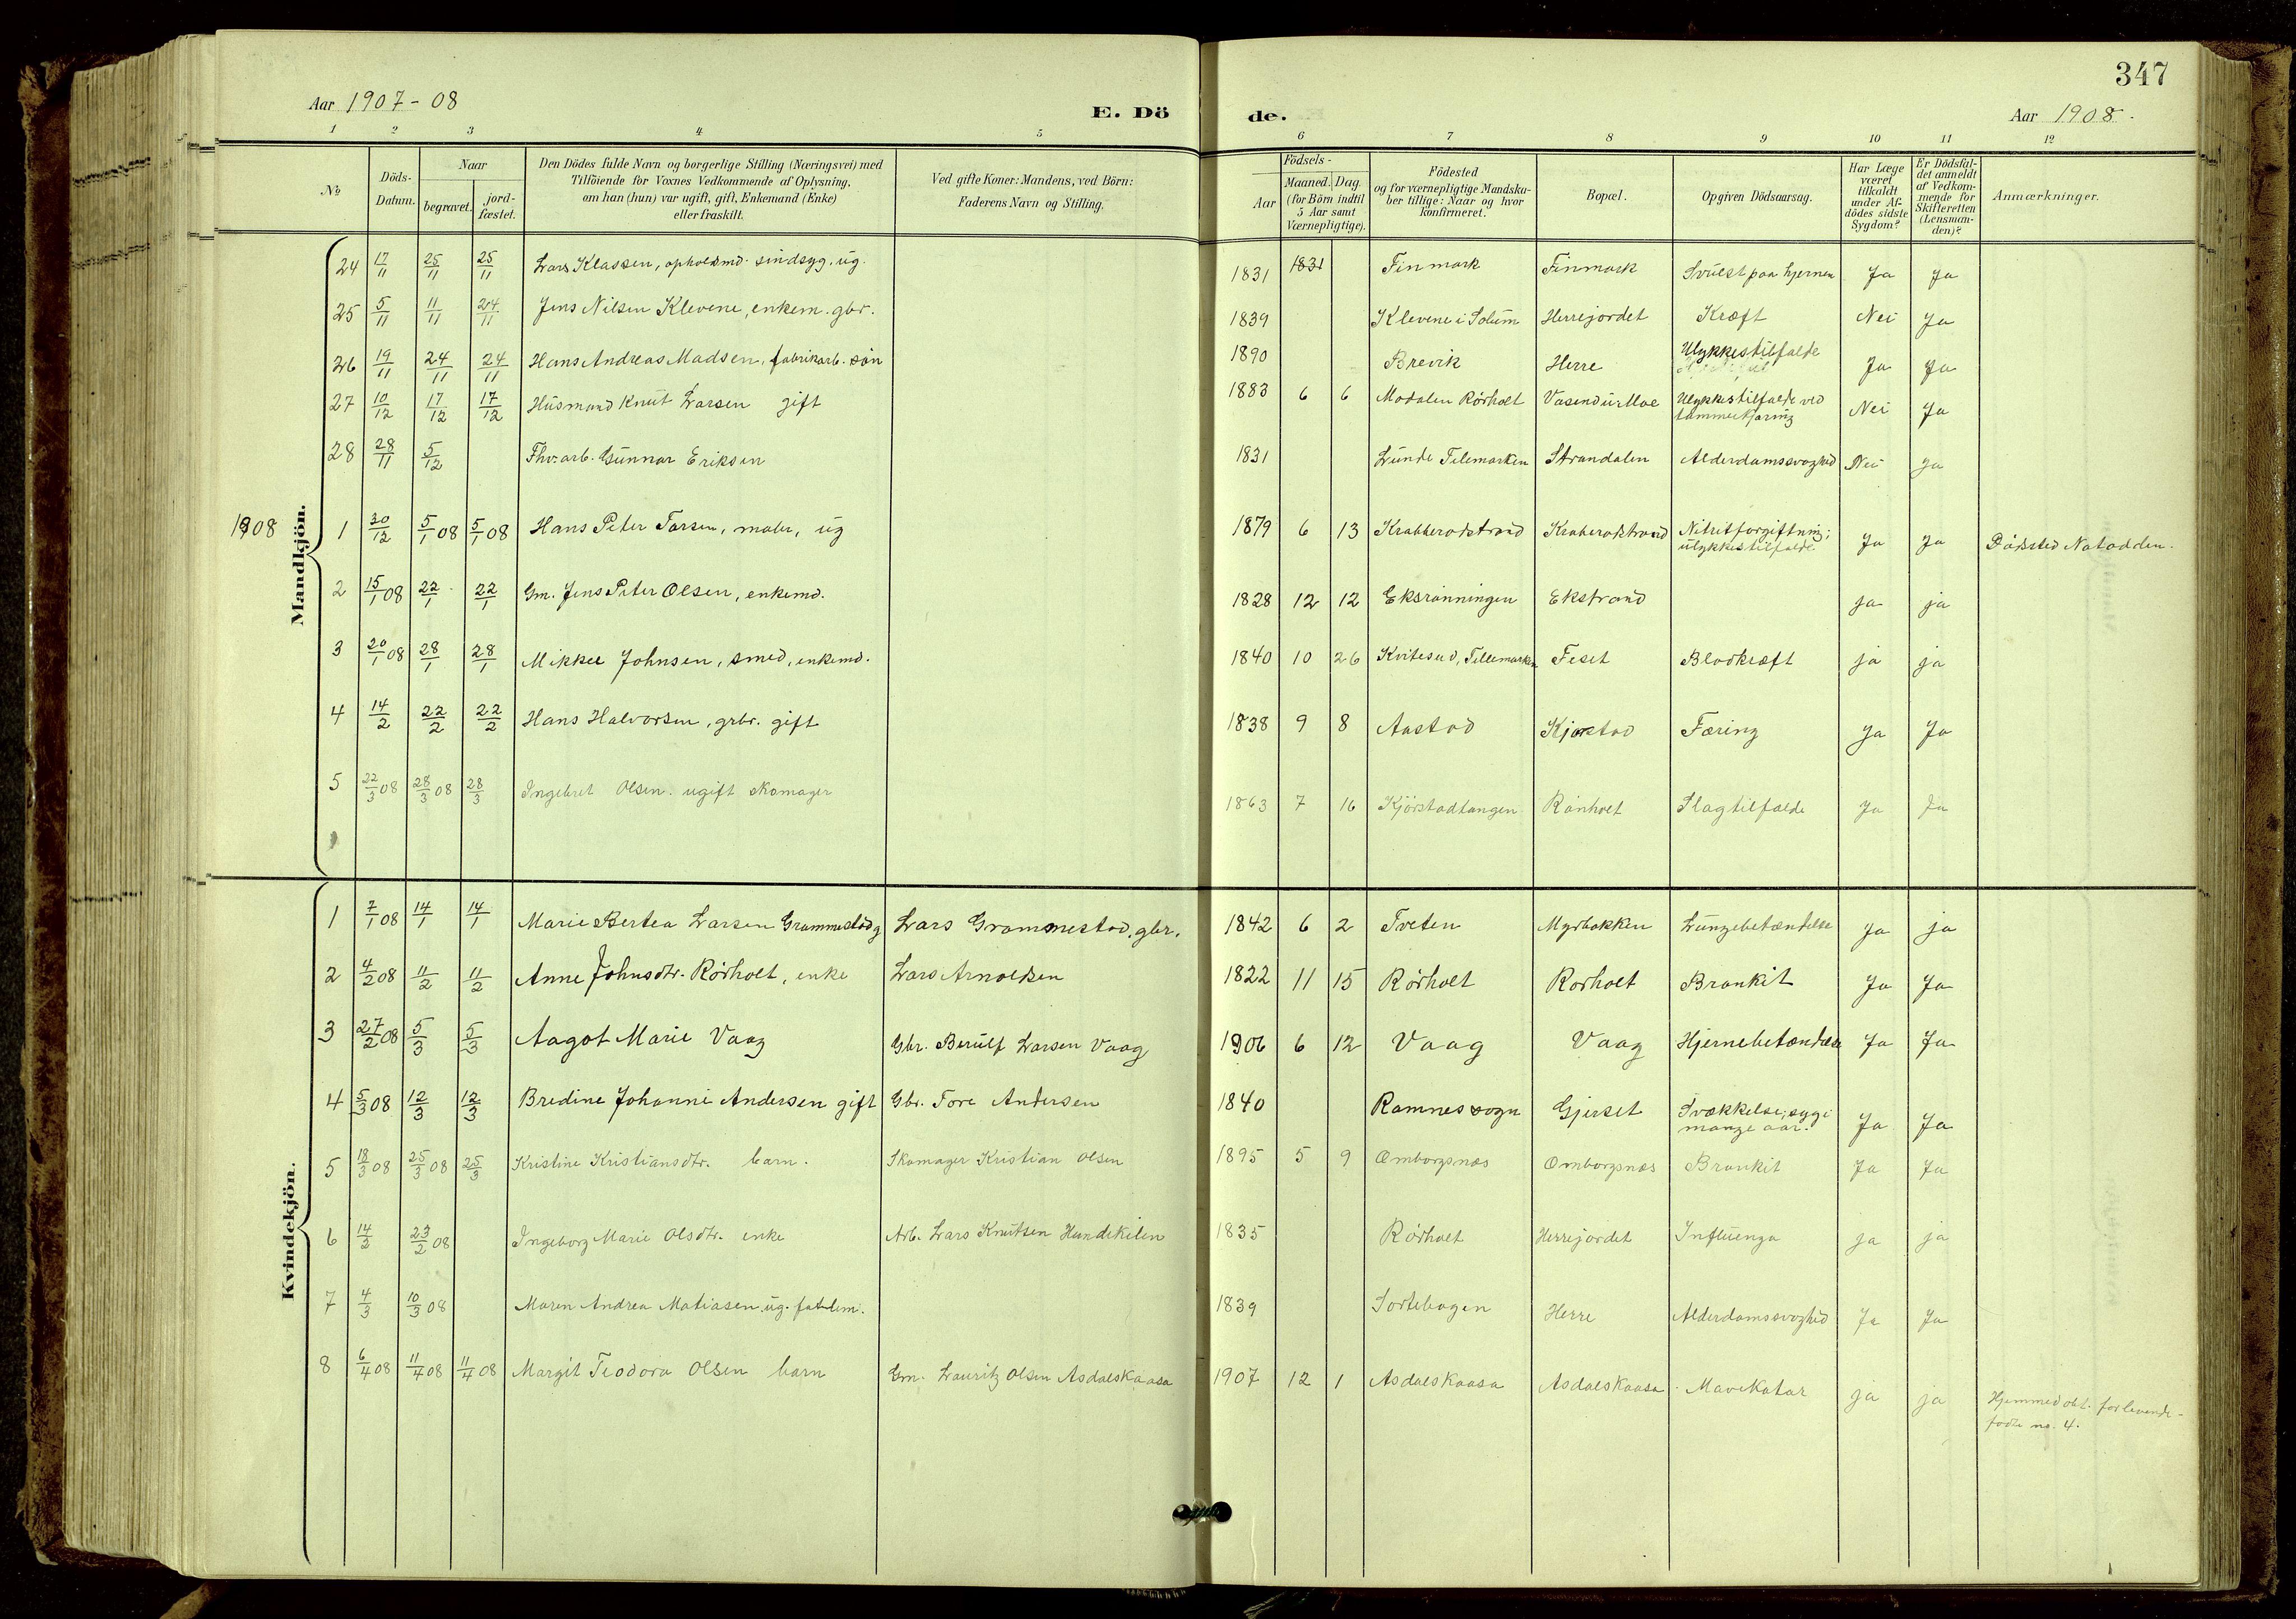 SAKO, Bamble kirkebøker, G/Ga/L0010: Klokkerbok nr. I 10, 1901-1919, s. 347